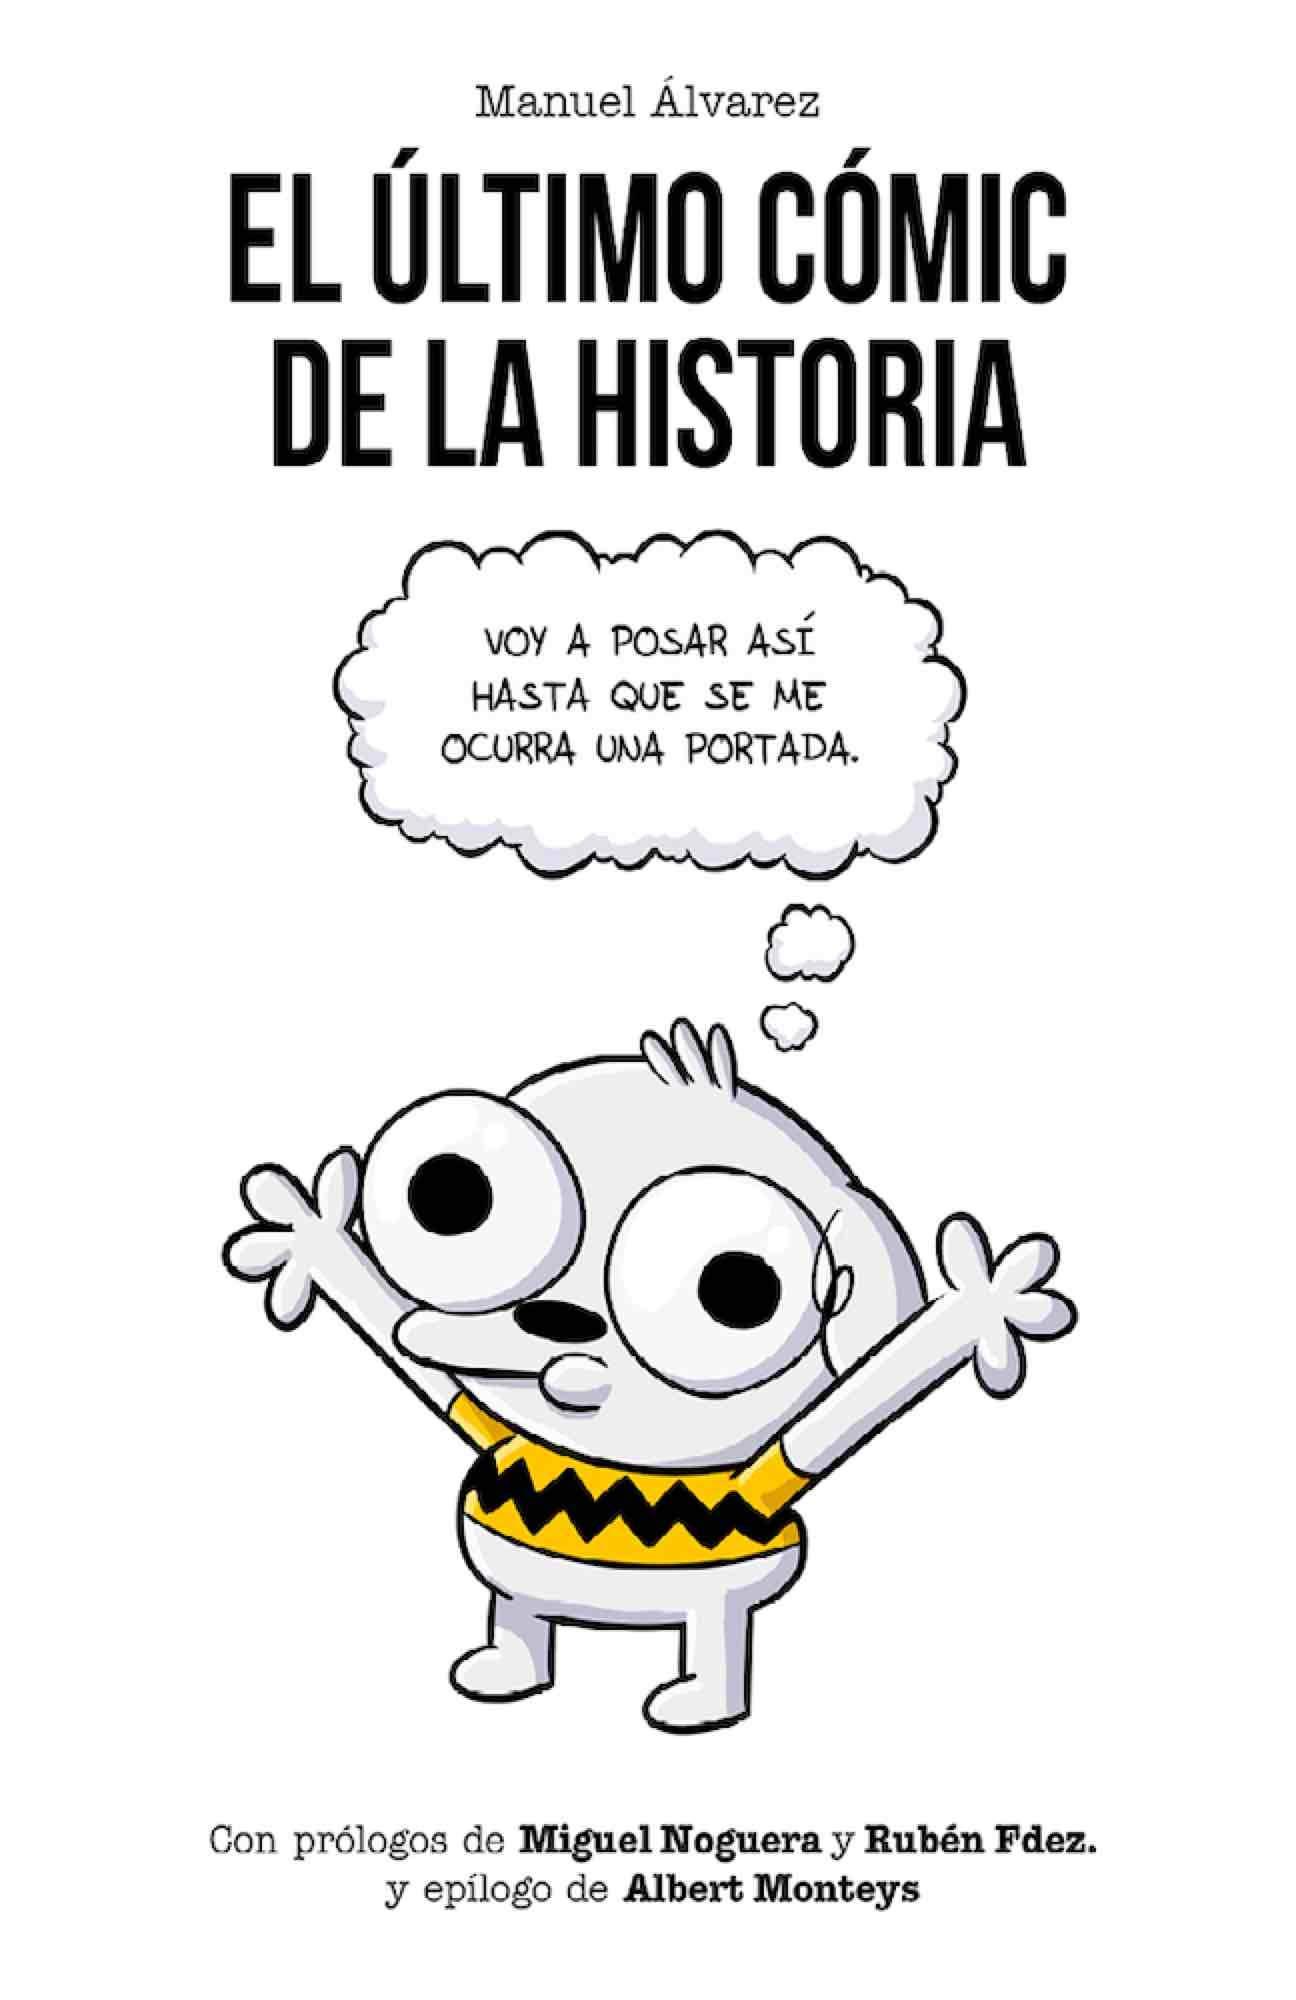 El Último cómic de La Historia: Amazon.es: Álvarez, Manuel: Libros